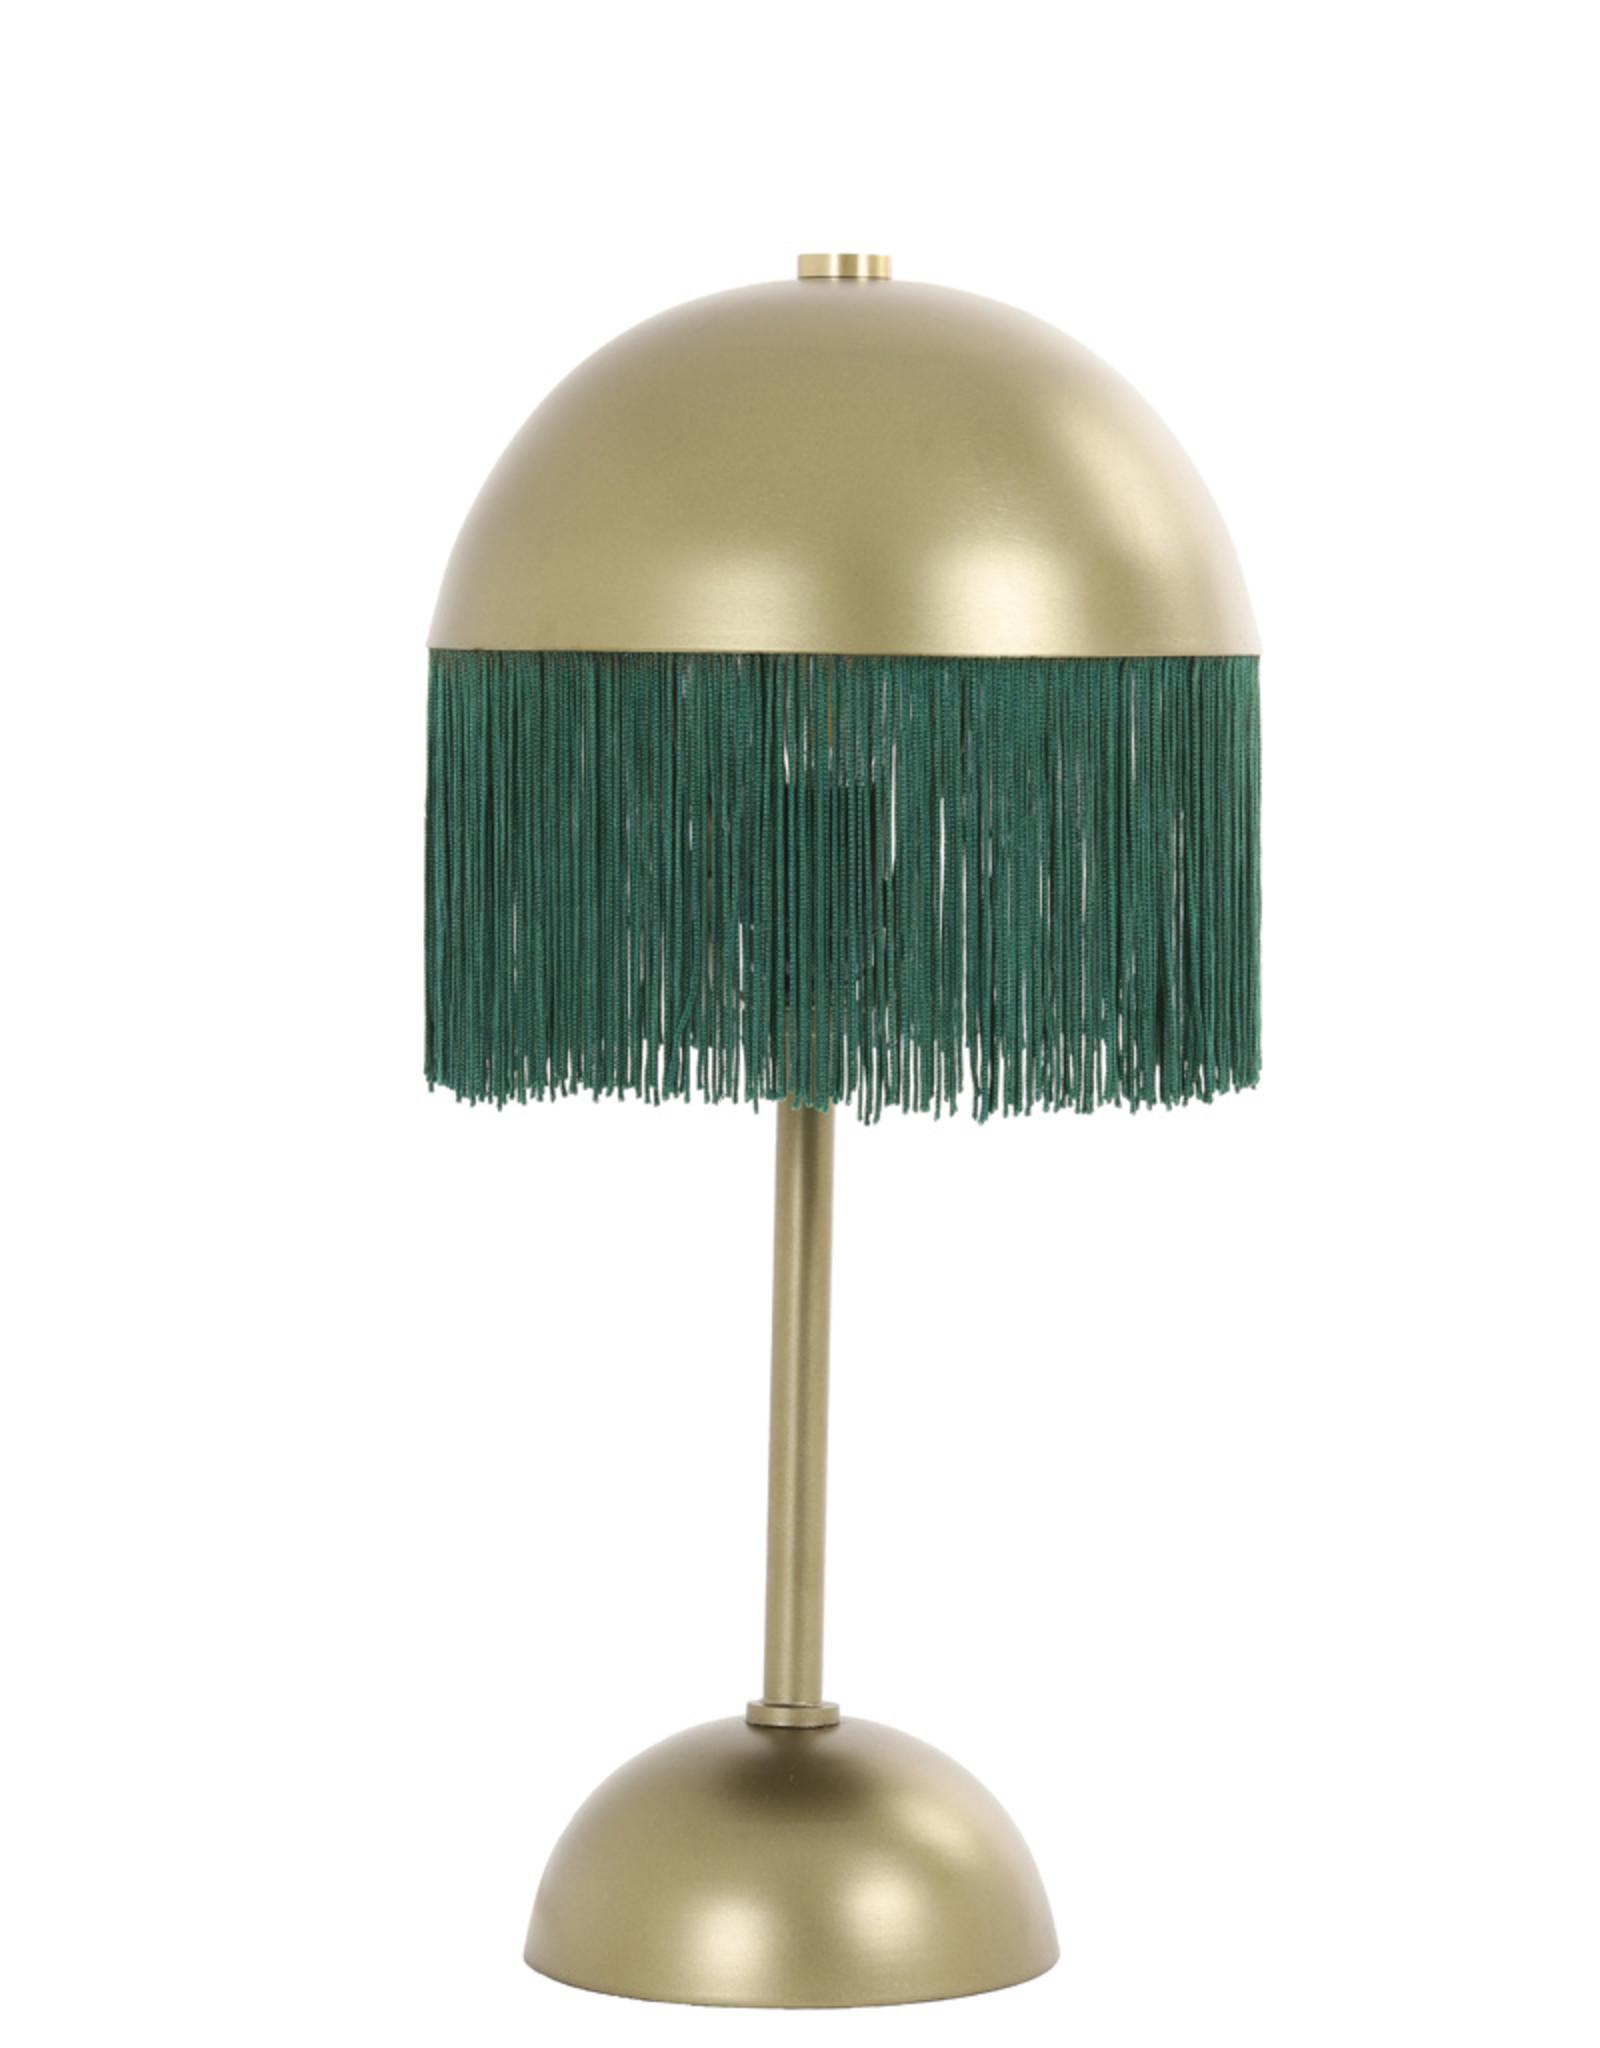 Light & Living Tafellamp Ø22x43 cm OIVA groen